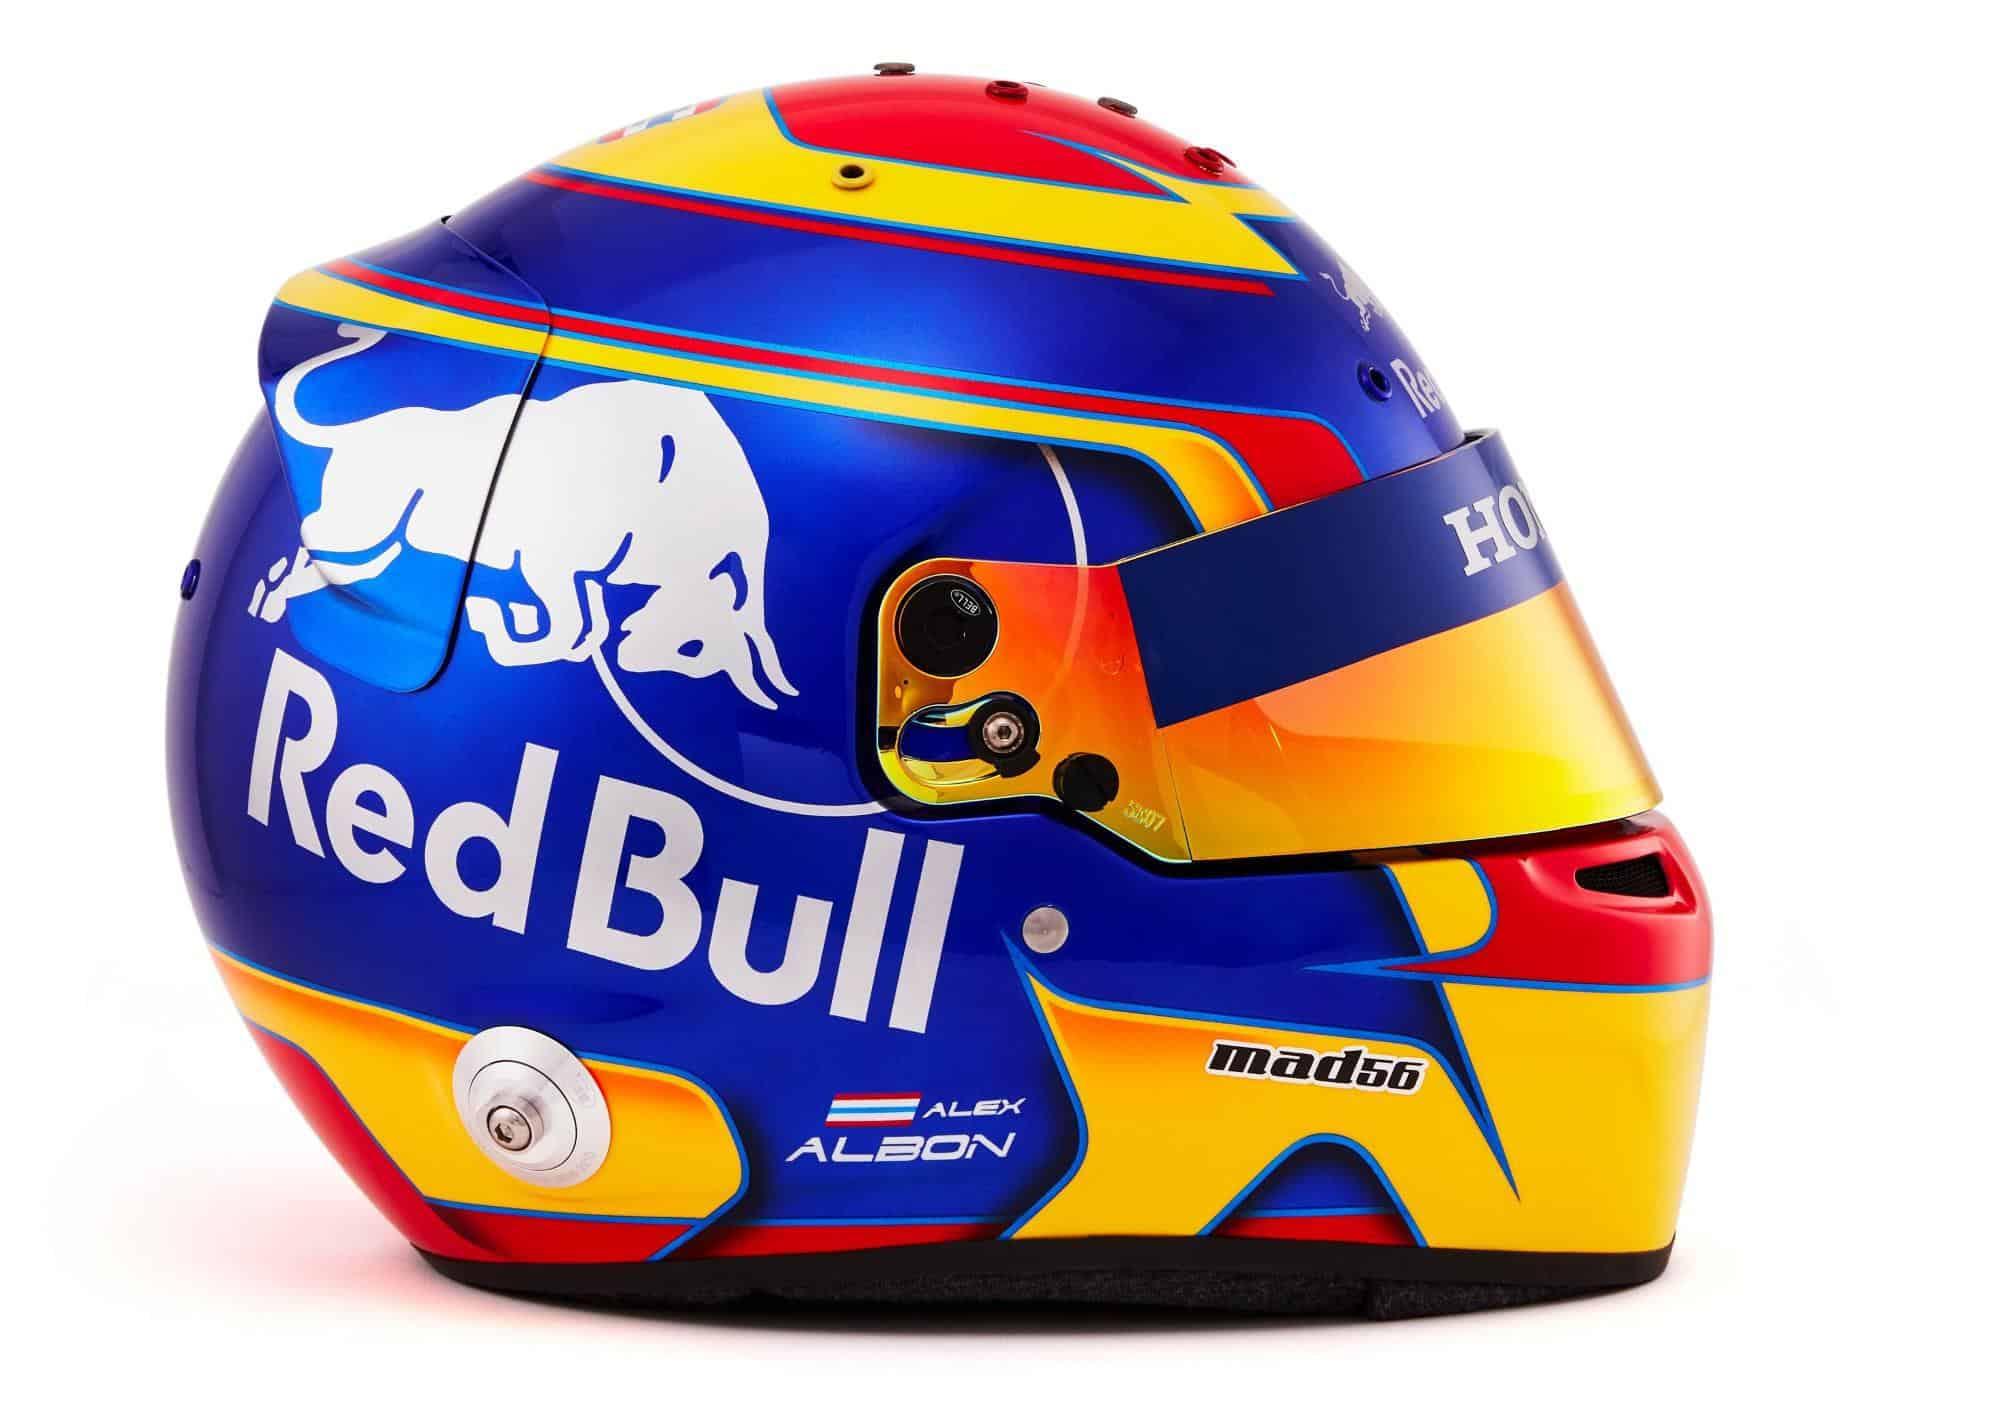 Alexander Albon Toro Rosso Honda 2019 F1 helmet side